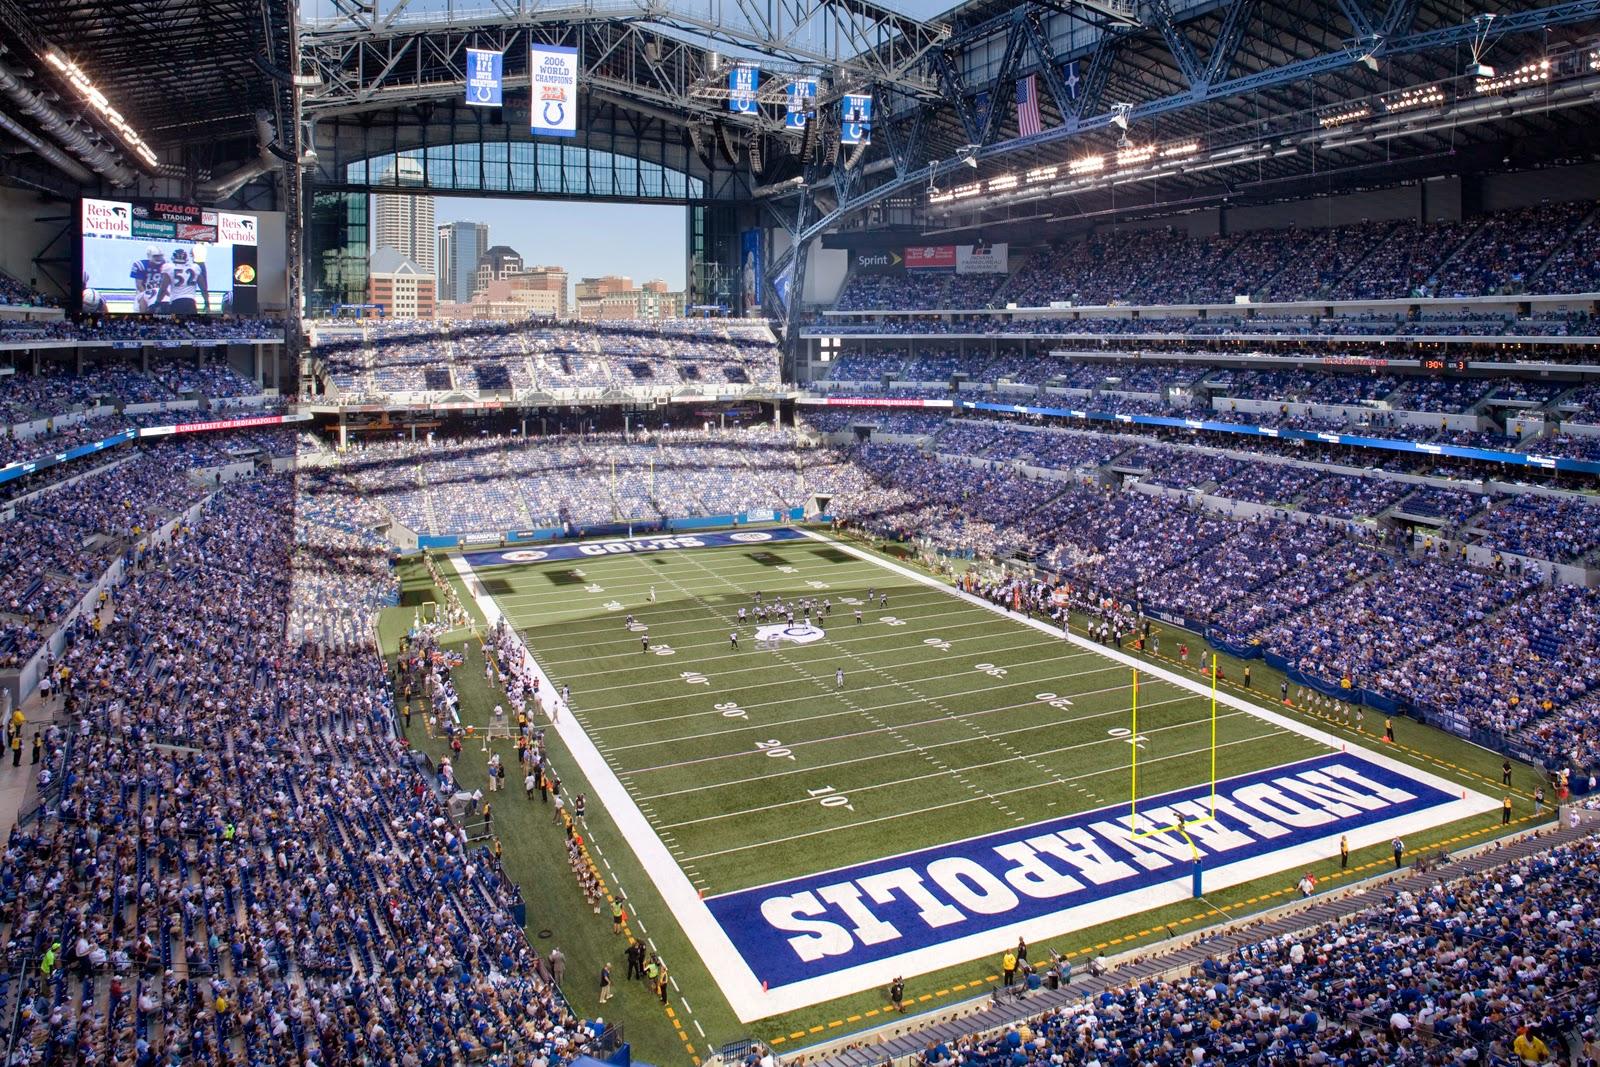 Indianapolis Colts Luxury Suite Rentals | Lucas Oil Stadium